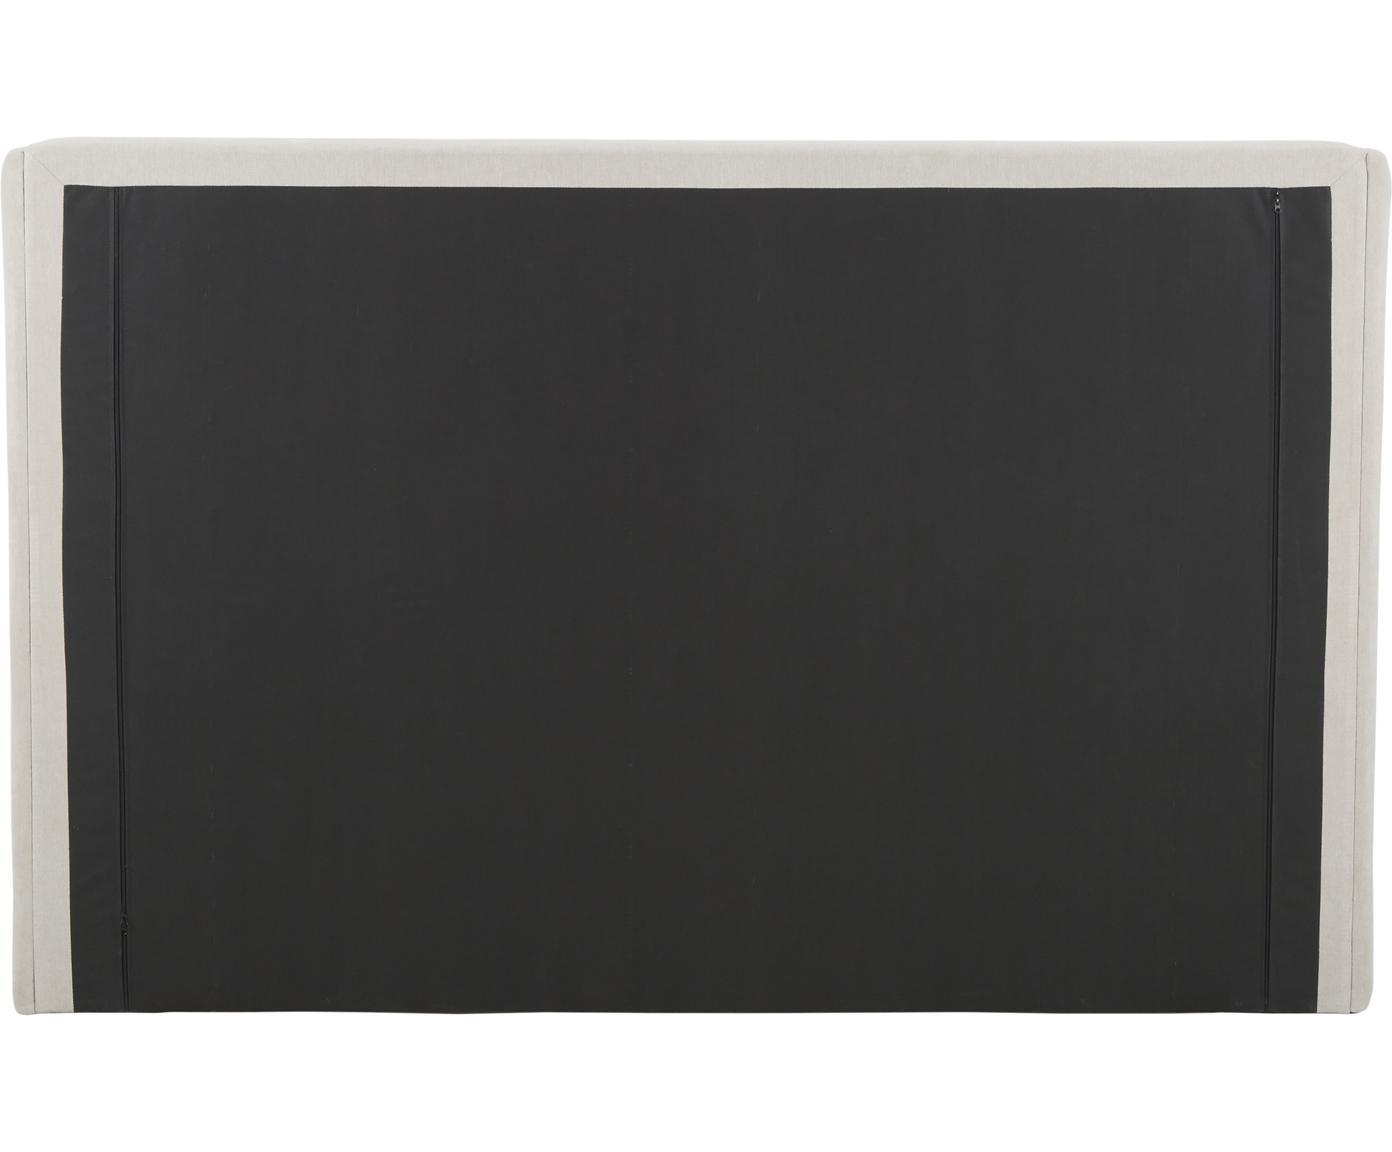 Letto imbottito con contenitore Star, Rivestimento: Poliestere (tessuto strut, Grigio chiaro, 180 x 200 cm